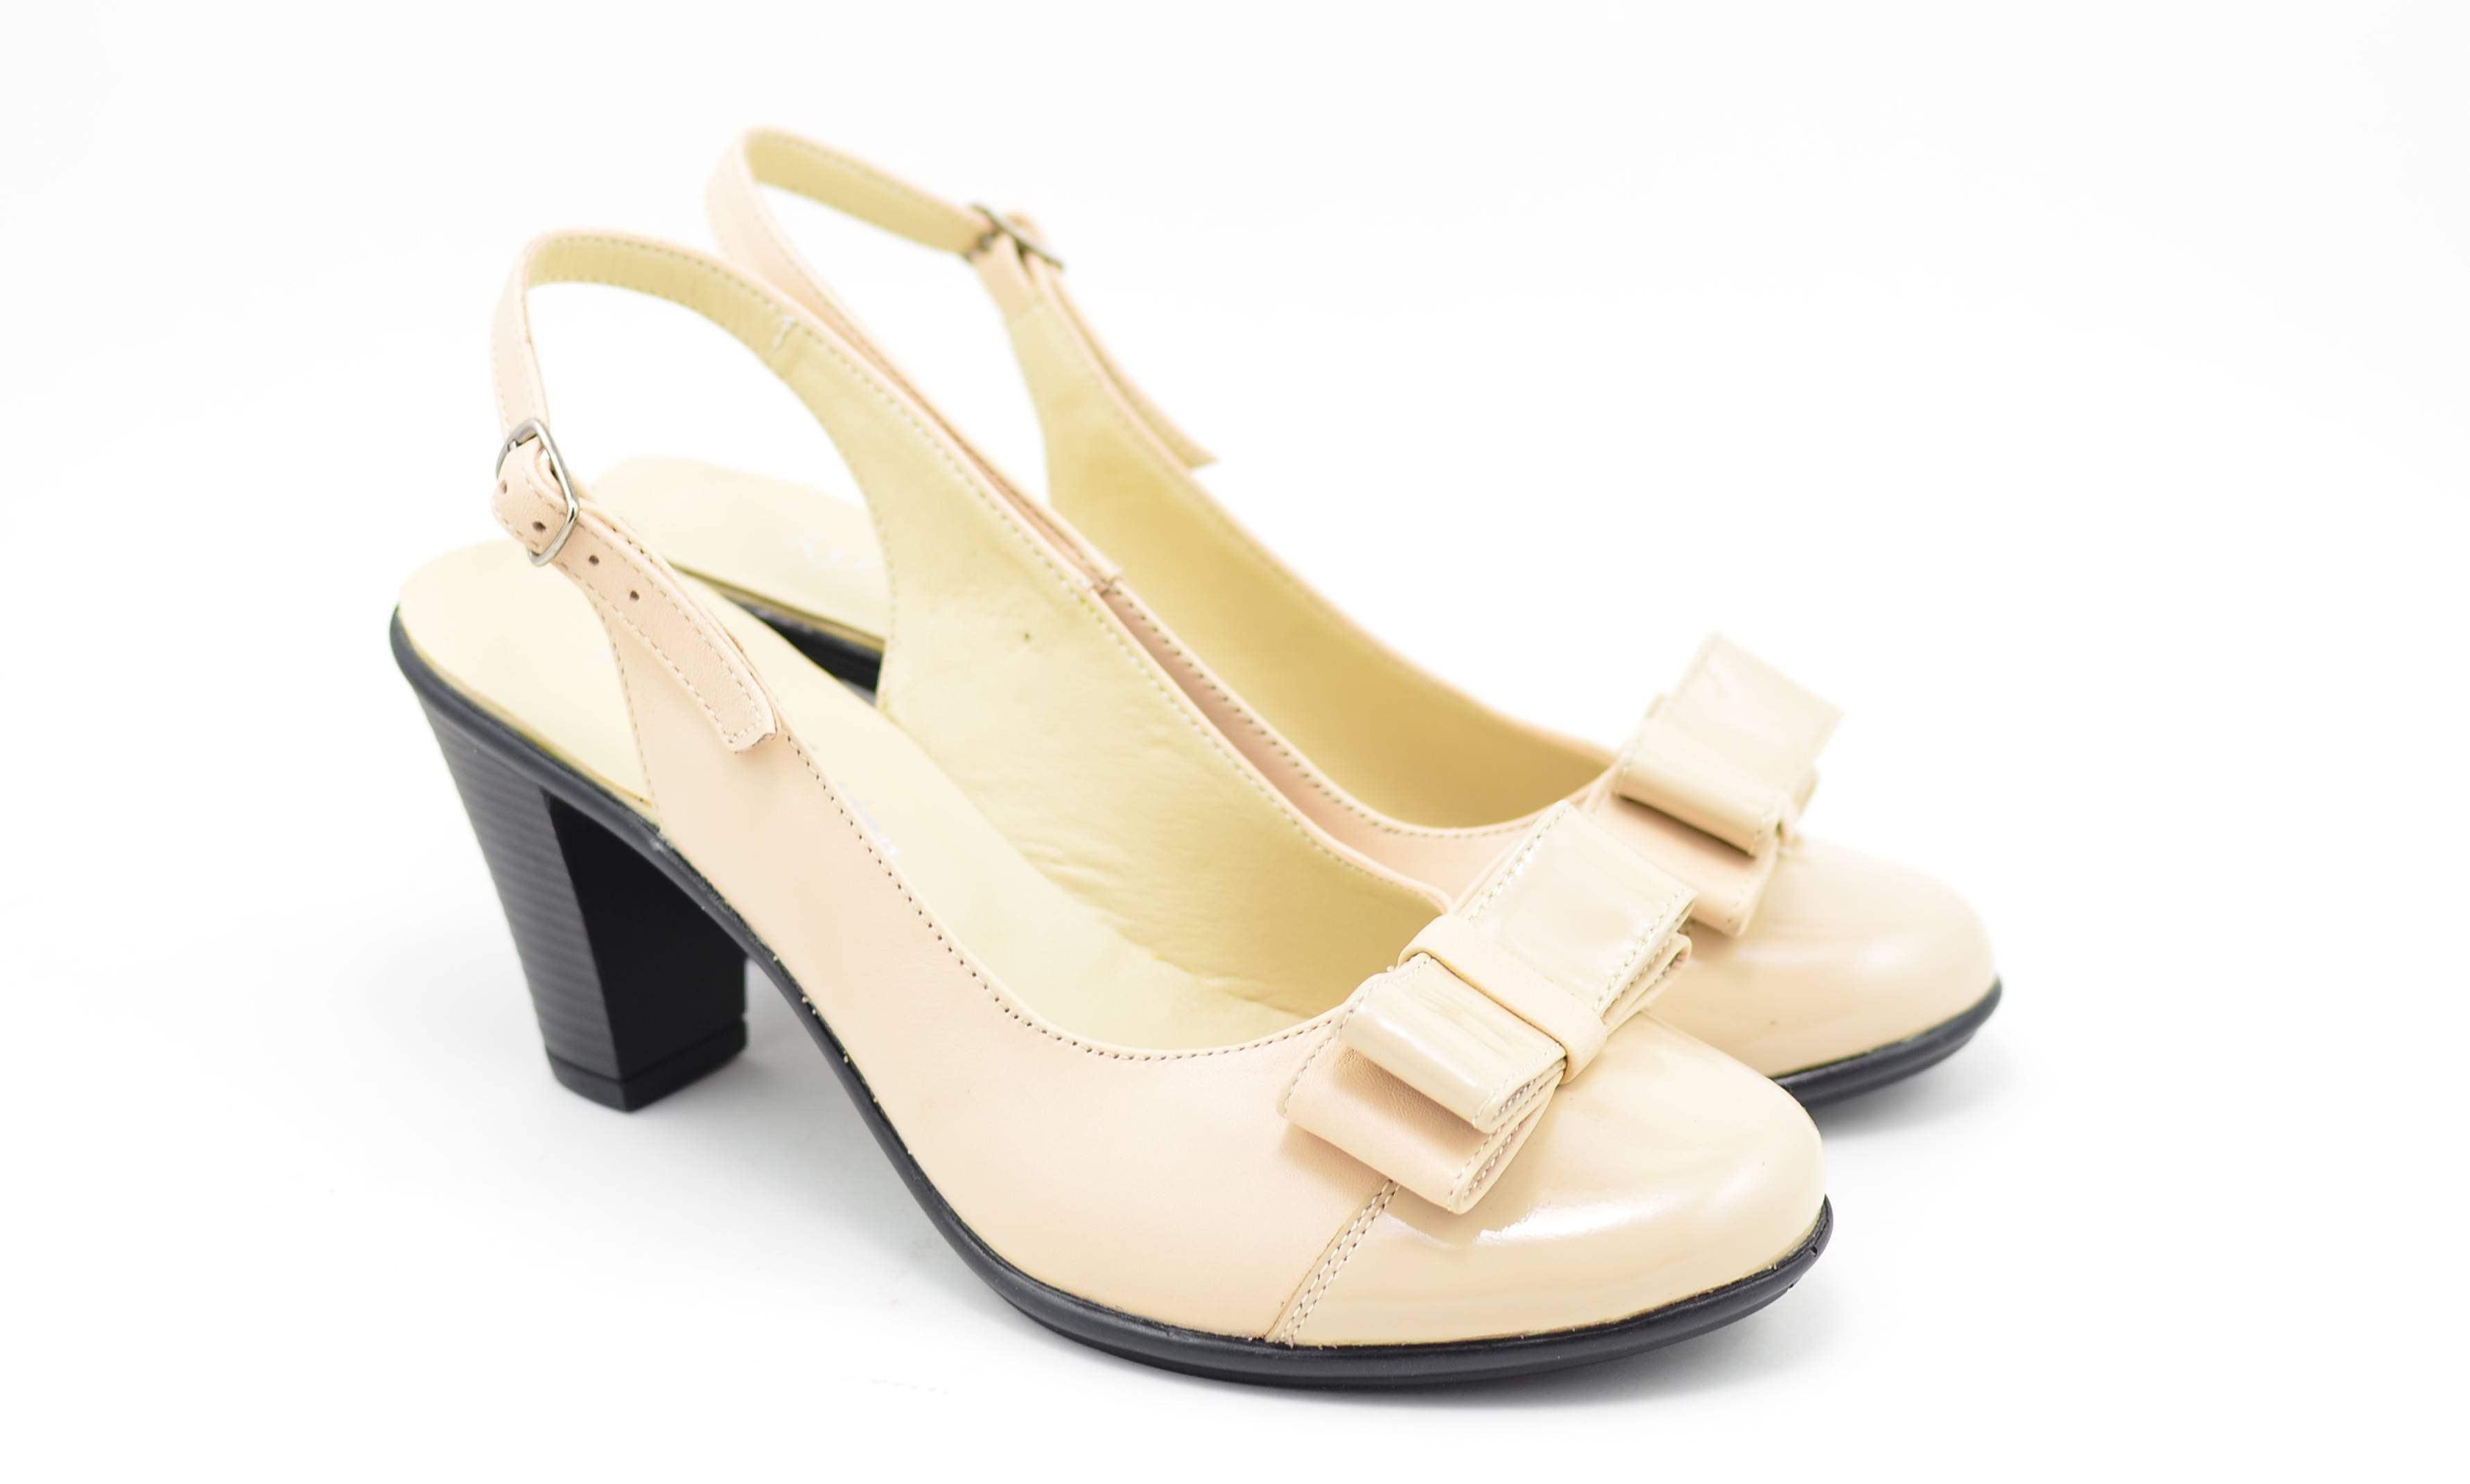 Oferta marimea 38 - Pantofi dama, din piele naturala, cu toc de 7cm si varf lacuit - LP100BEJ